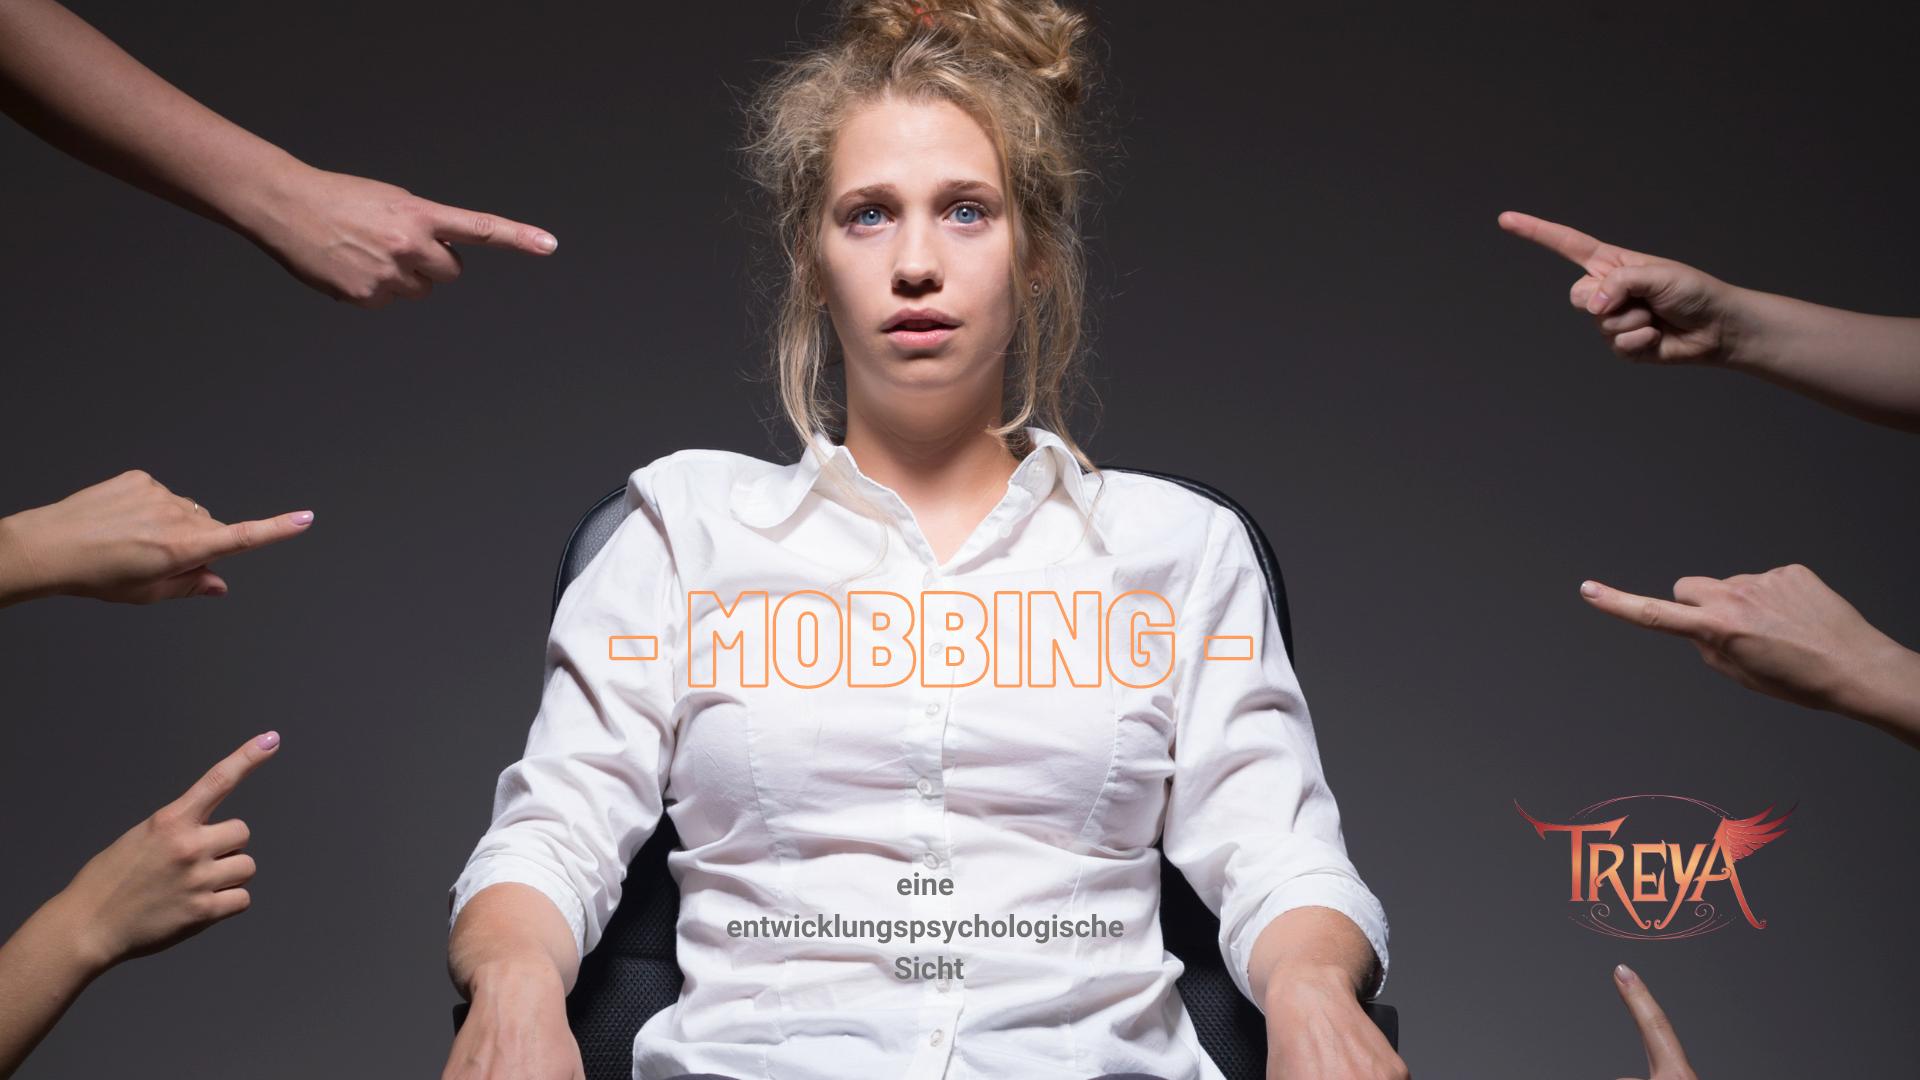 Mobbing- eine  entwicklungspsychologische Perspektive